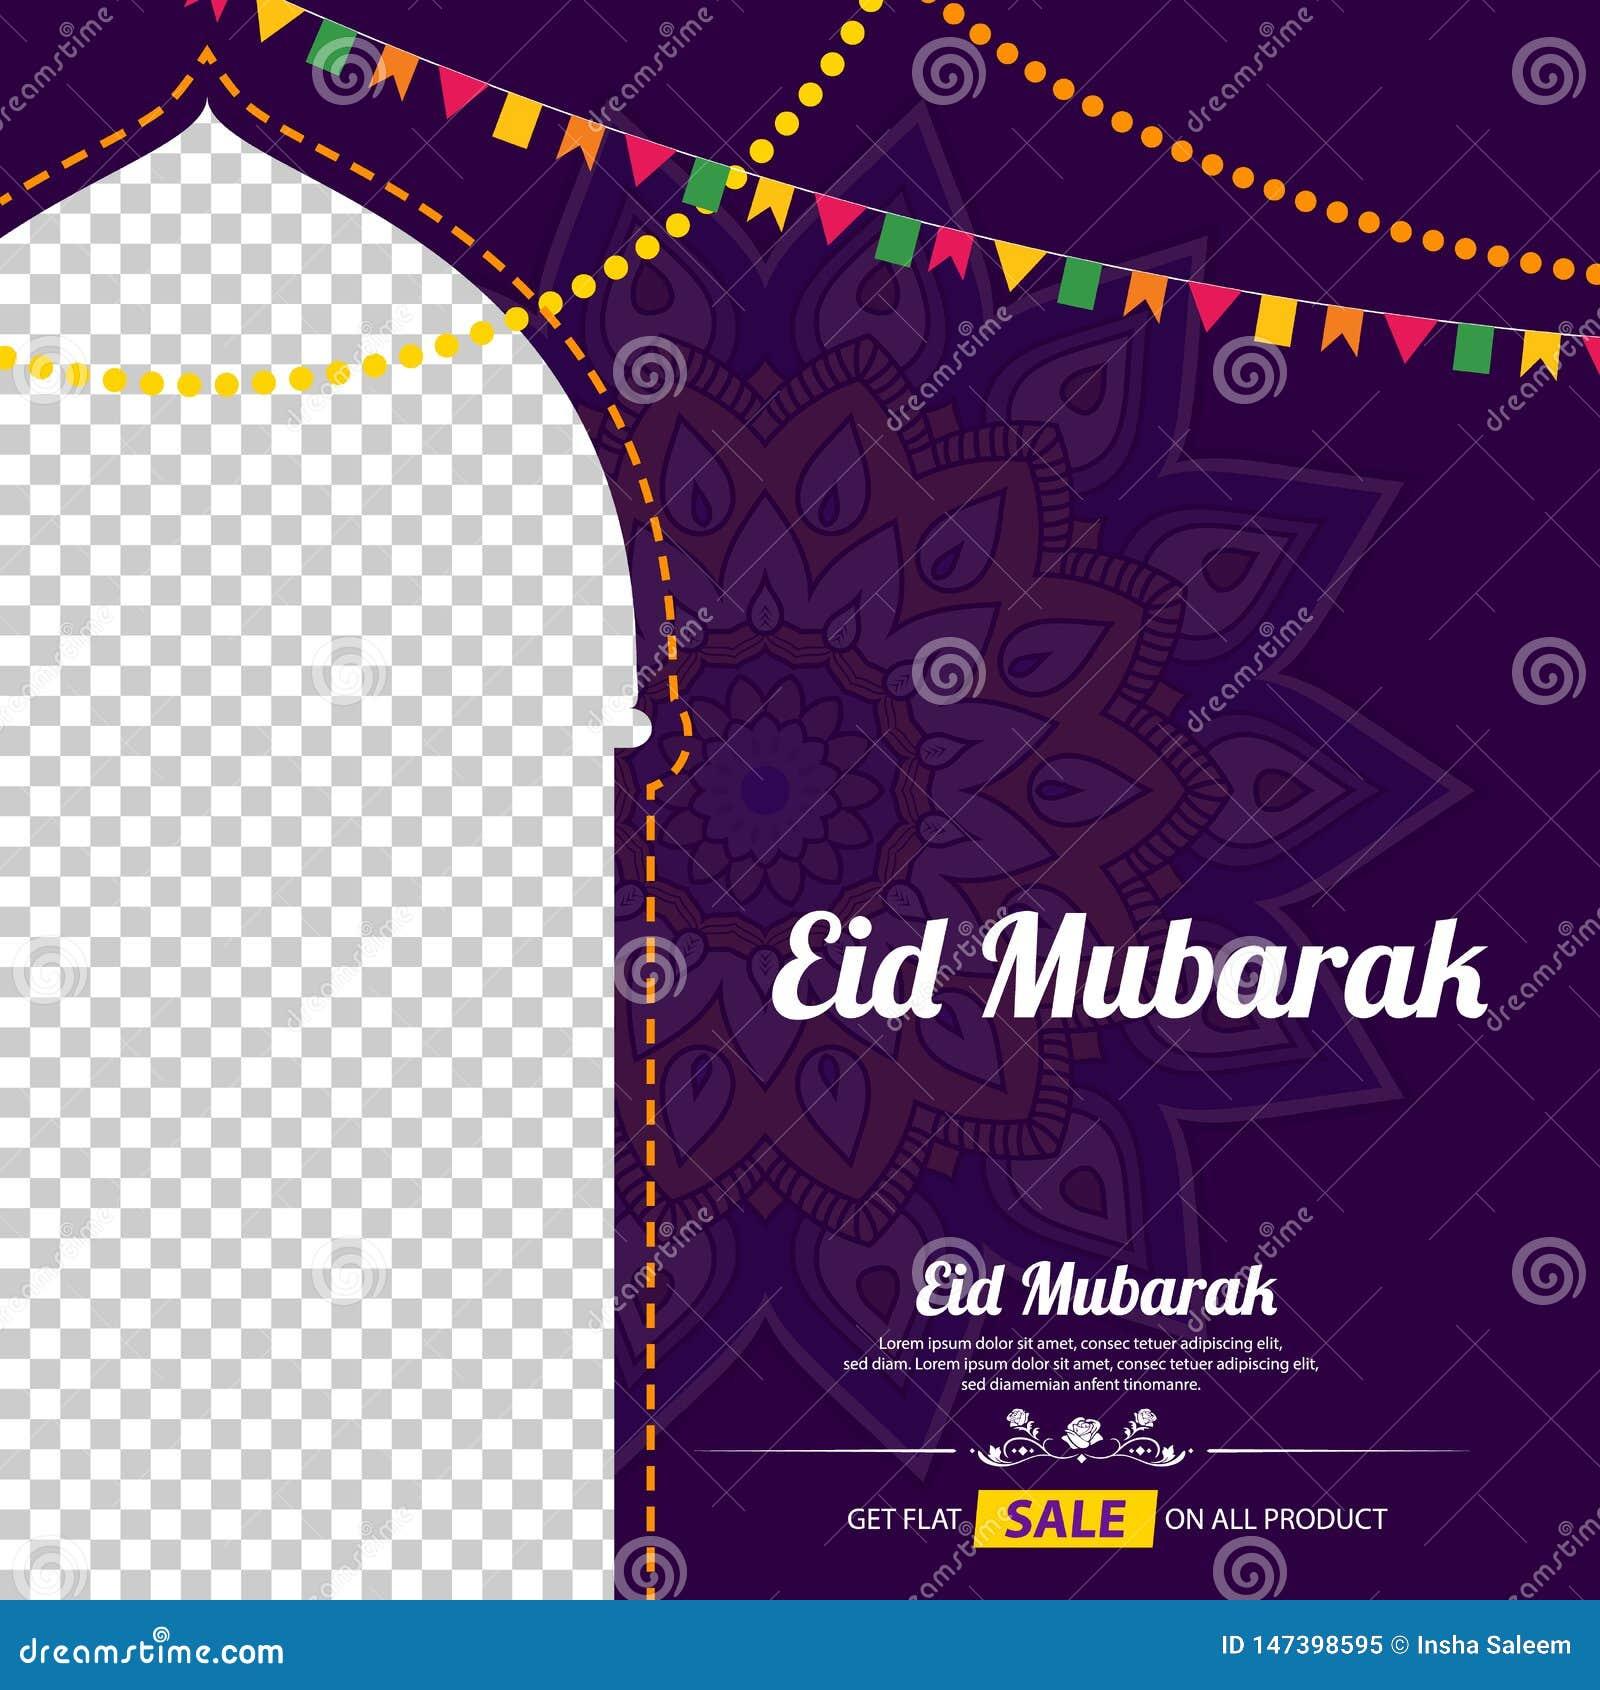 Vektor för Eid Mubarak festivalhälsning